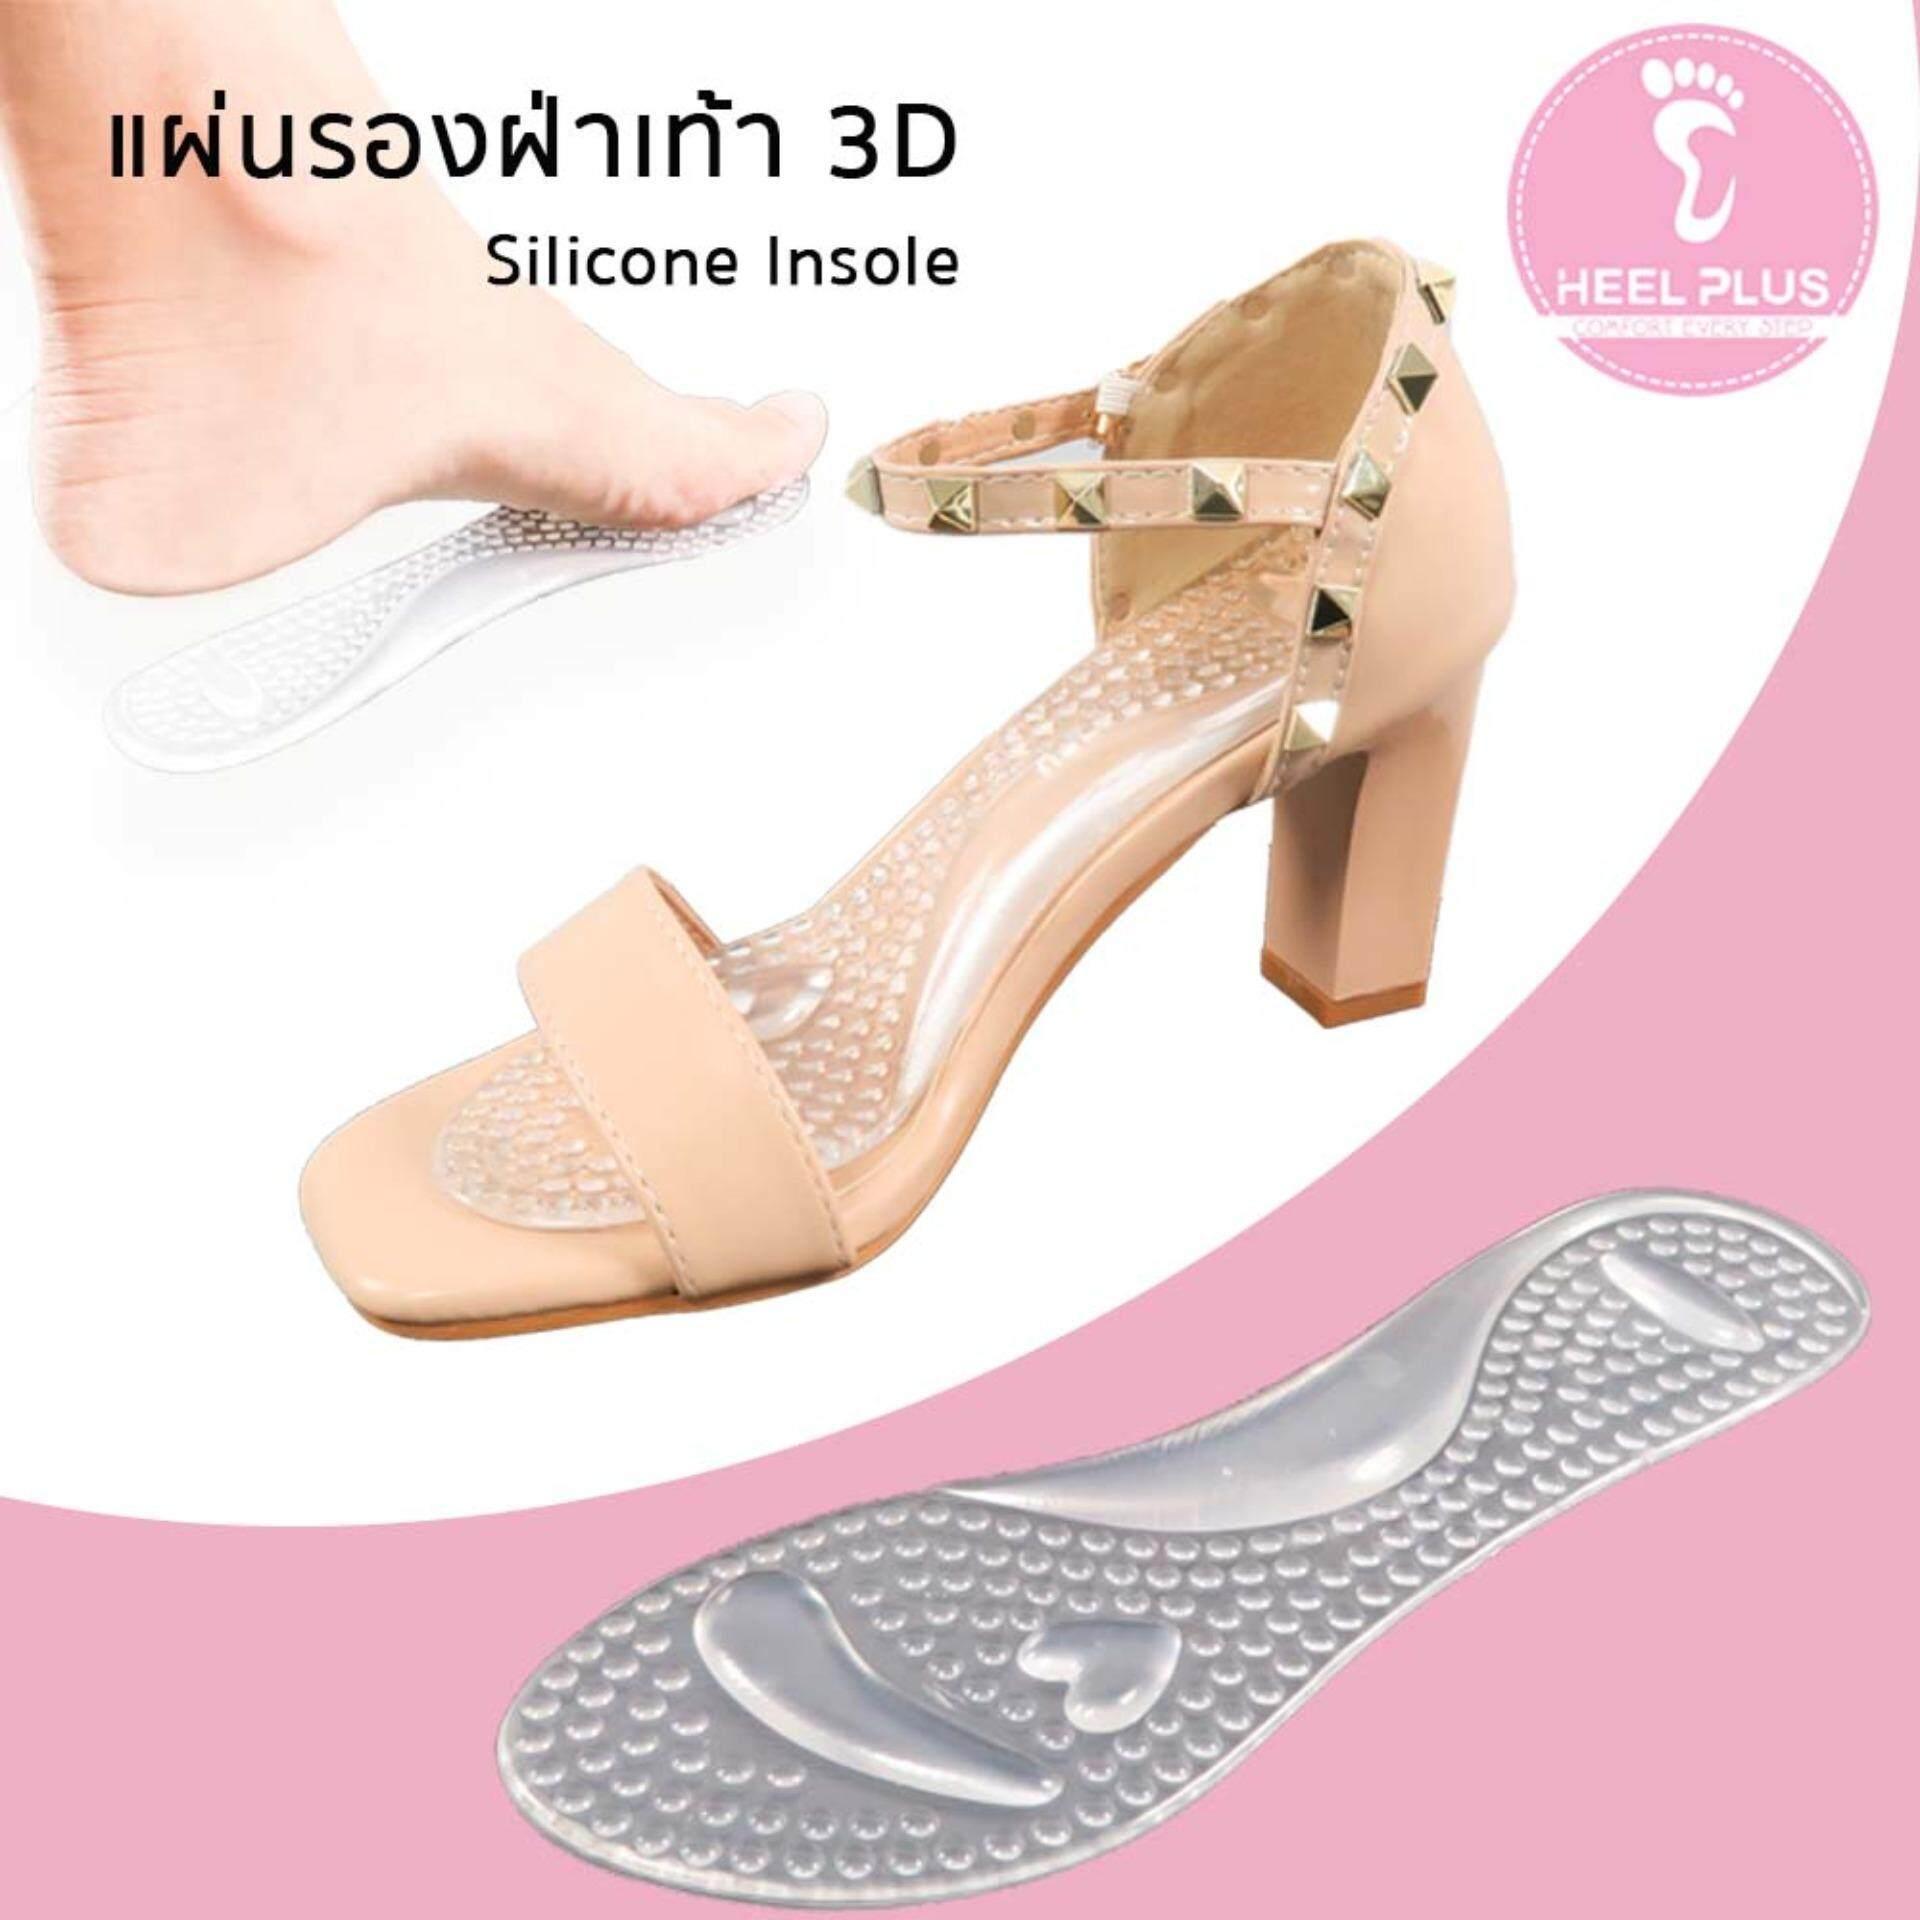 ซื้อ Heelplus 1 คู่ 2 ชิ้น แผ่นเจลรองฝ่าเท้า กันหลวม เสริมพื้นรองเท้าแบบมีกาว No 870042 Clear ถูก